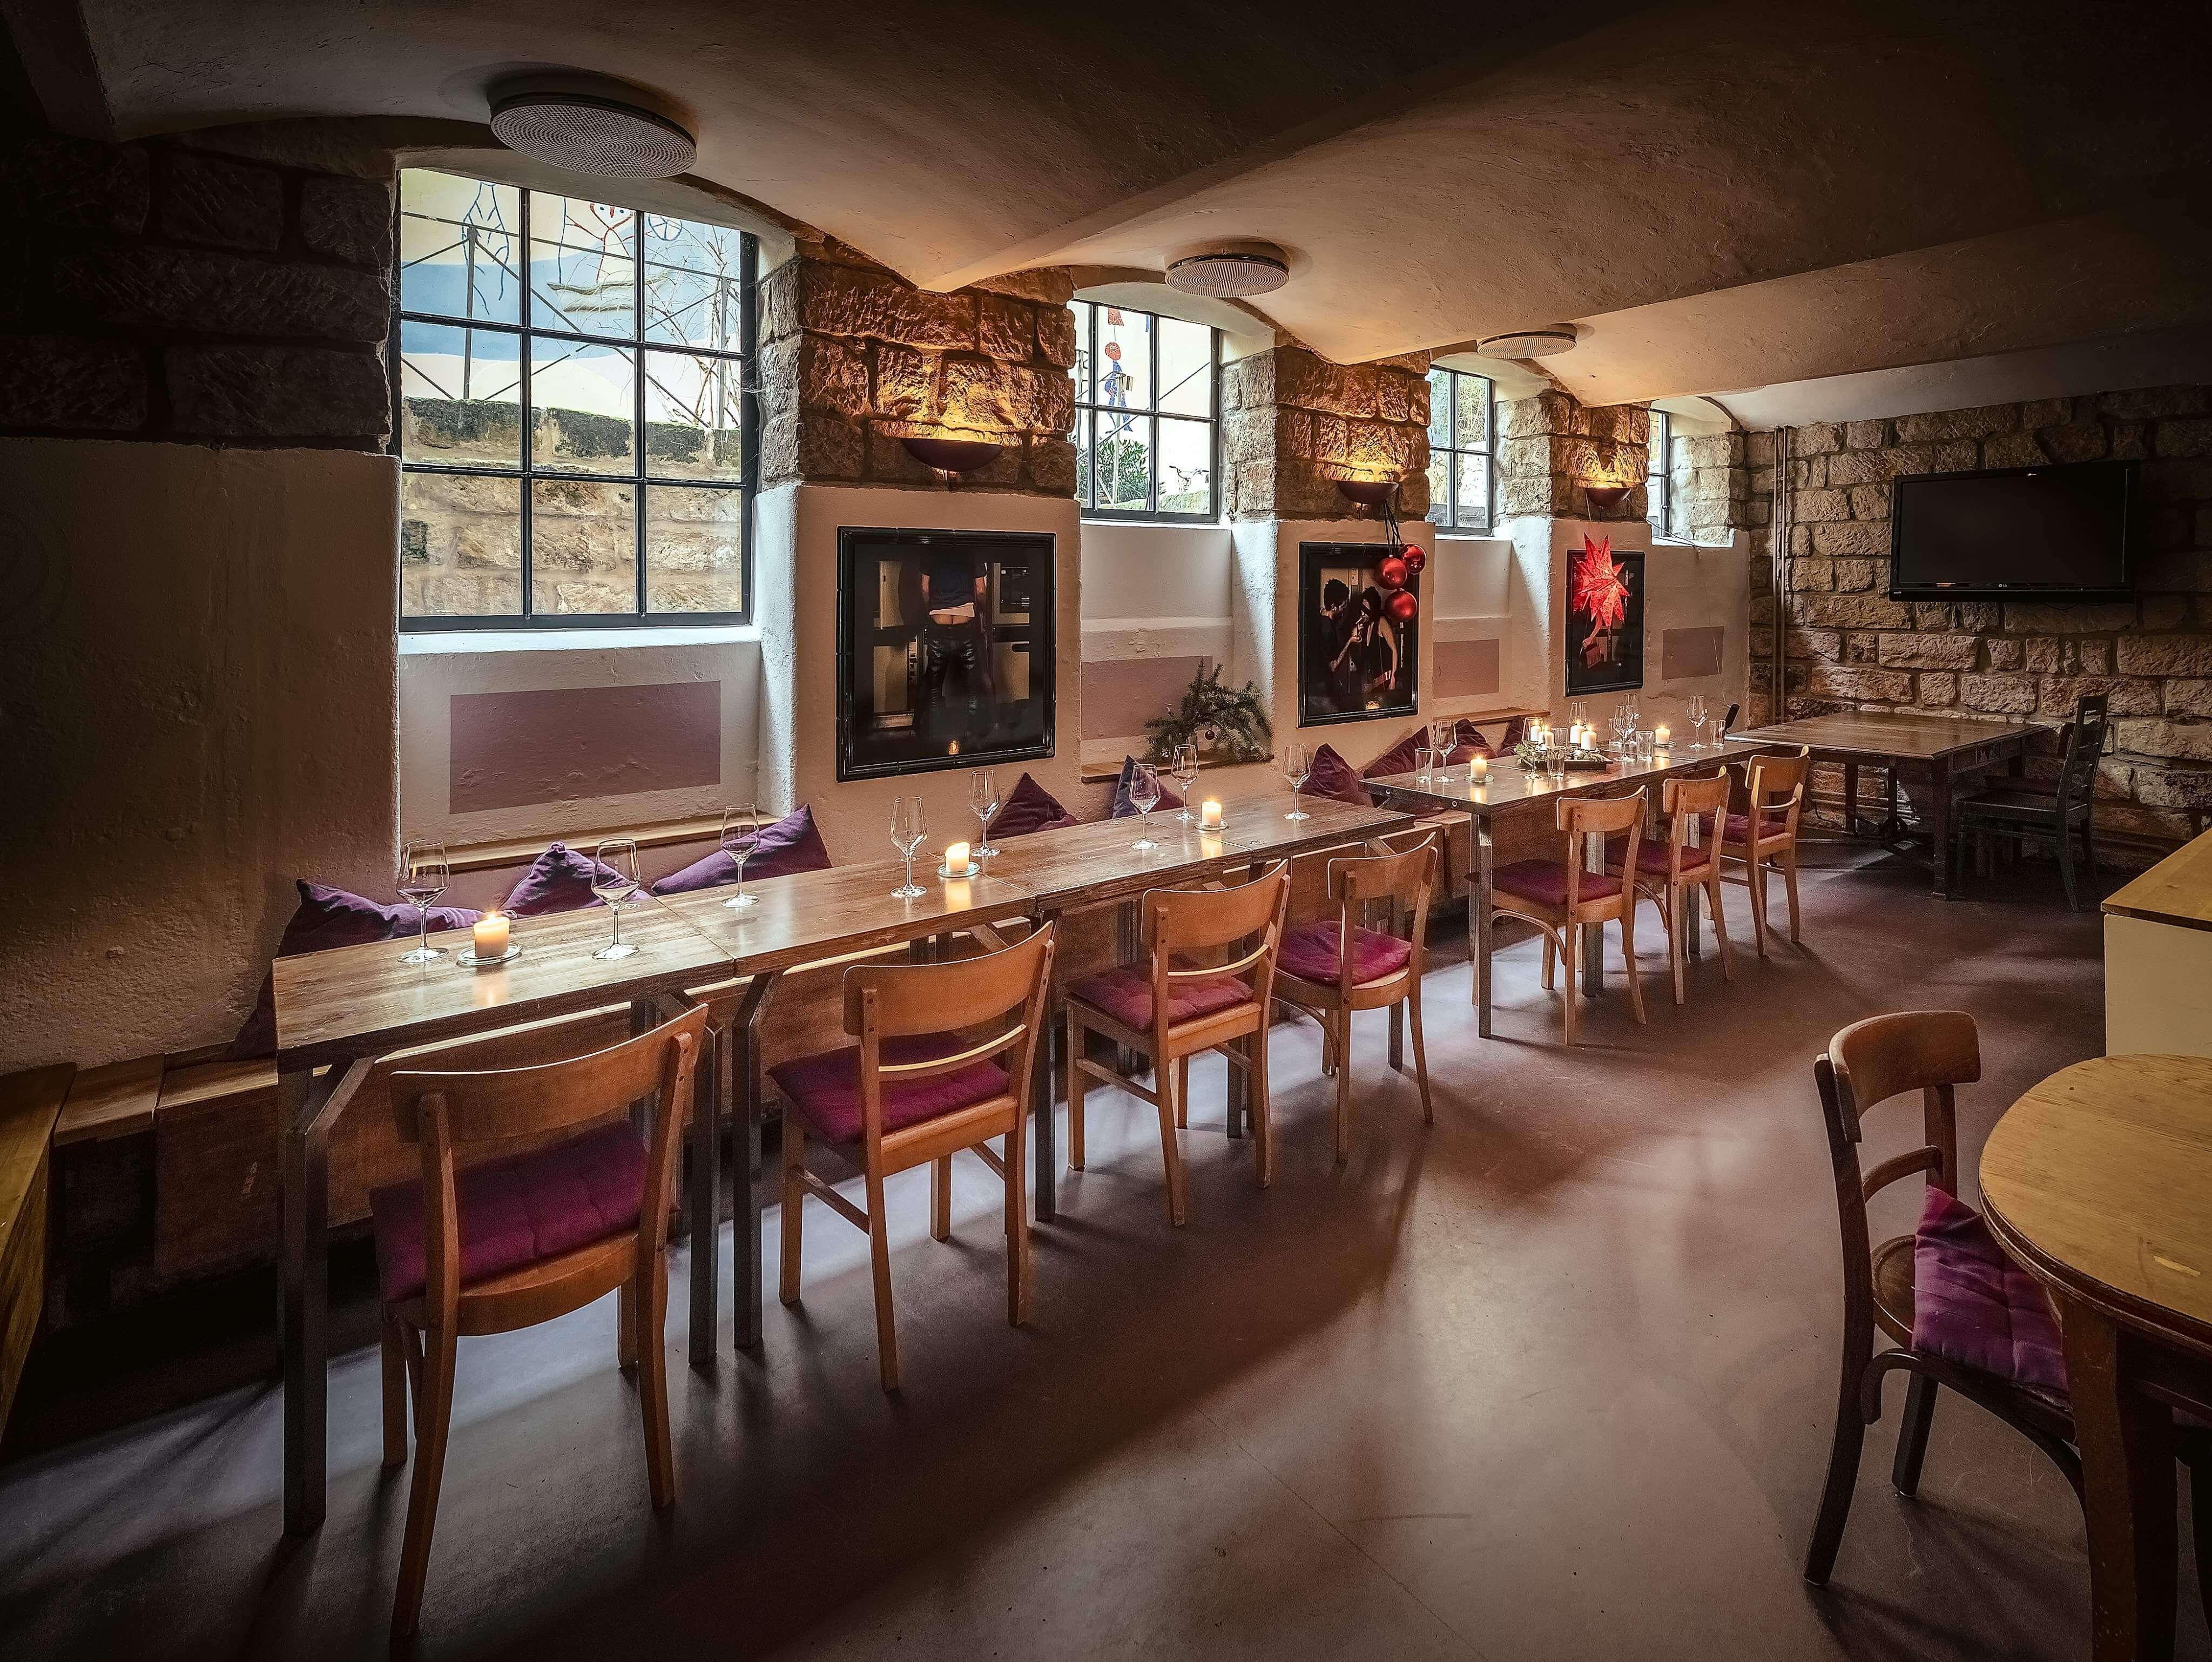 Fantastisch Landküche Restaurant Brewster Bilder - Küche Set Ideen ...